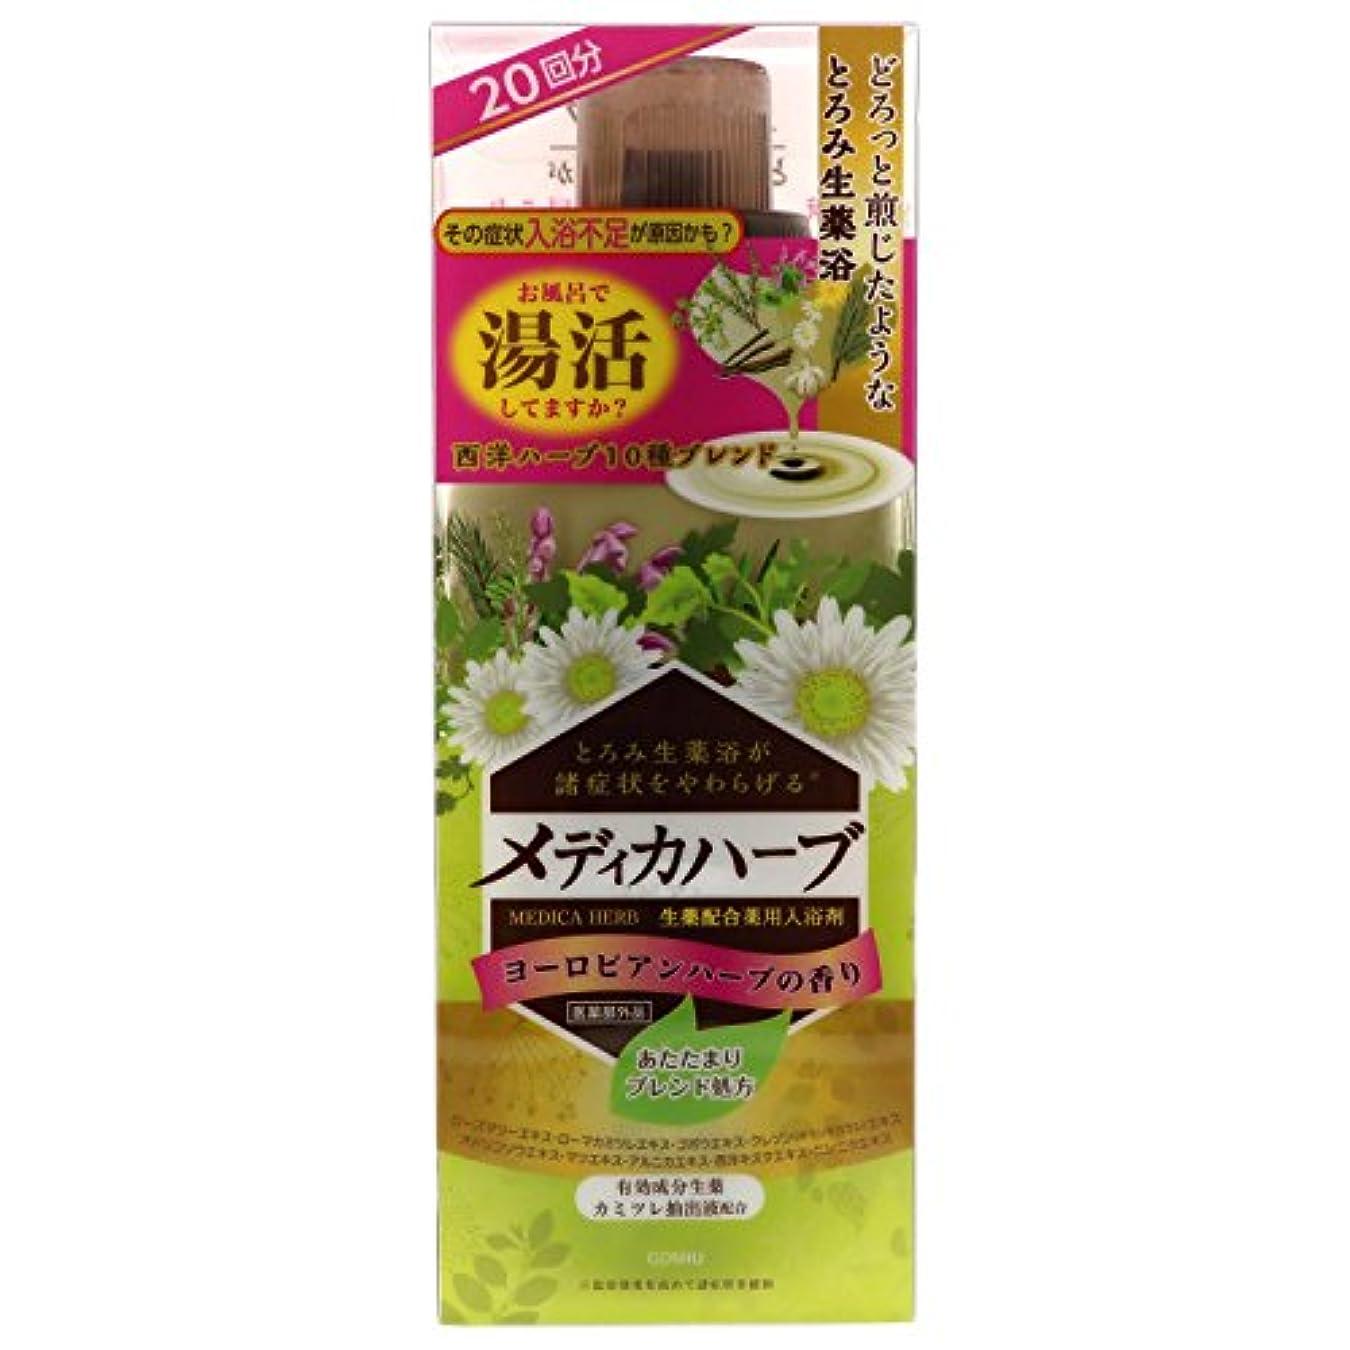 要求繊維シェルターメディカハーブ ヨーロピアンハーブの香り 400ML(20回分) [医薬部外品]